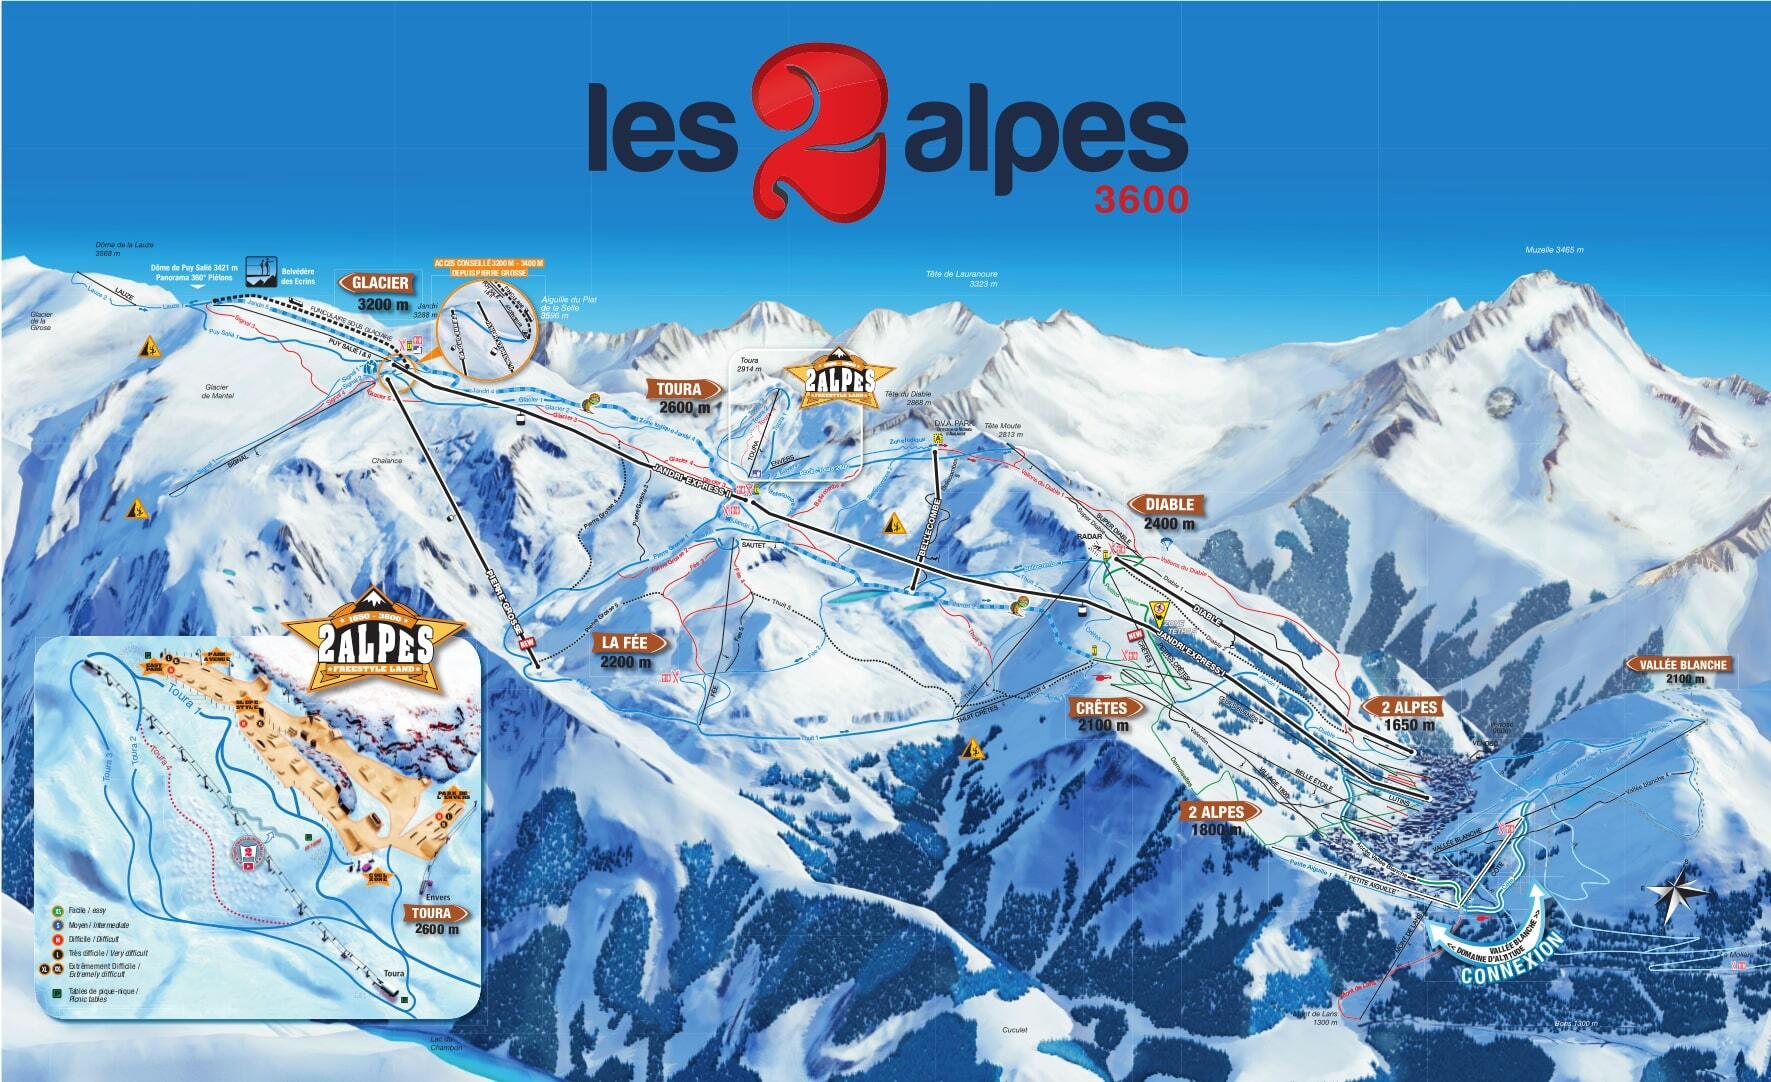 Les deux alpes ski resort guide location map les deux for Piscine les deux alpes